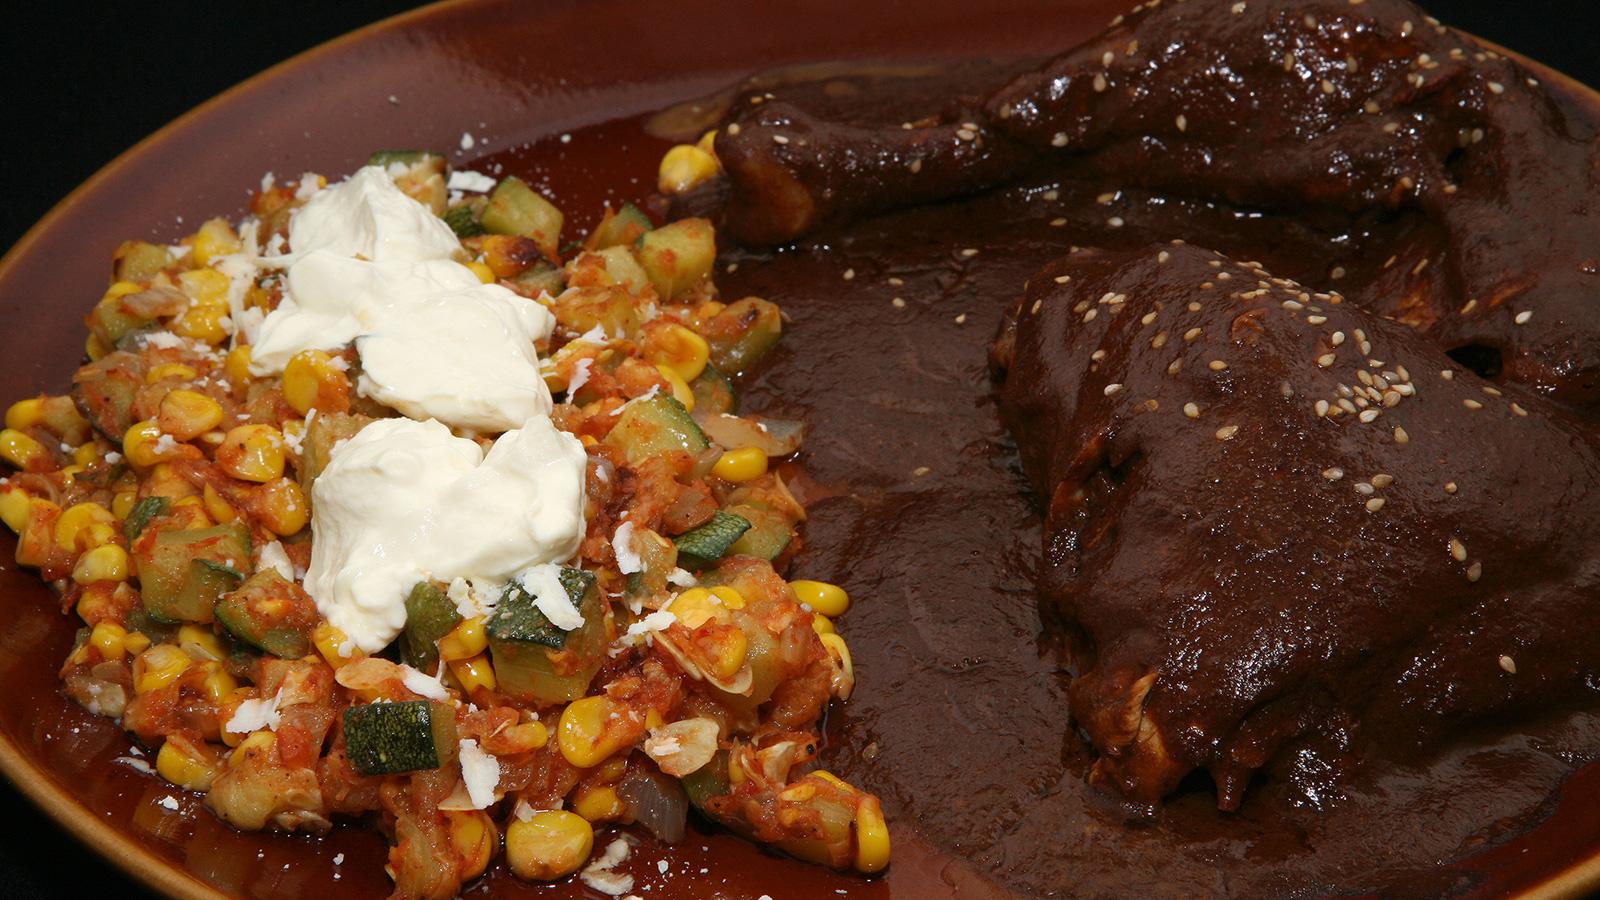 Mole poblano rita s nchez receta canal cocina for Canal cocina mexicana